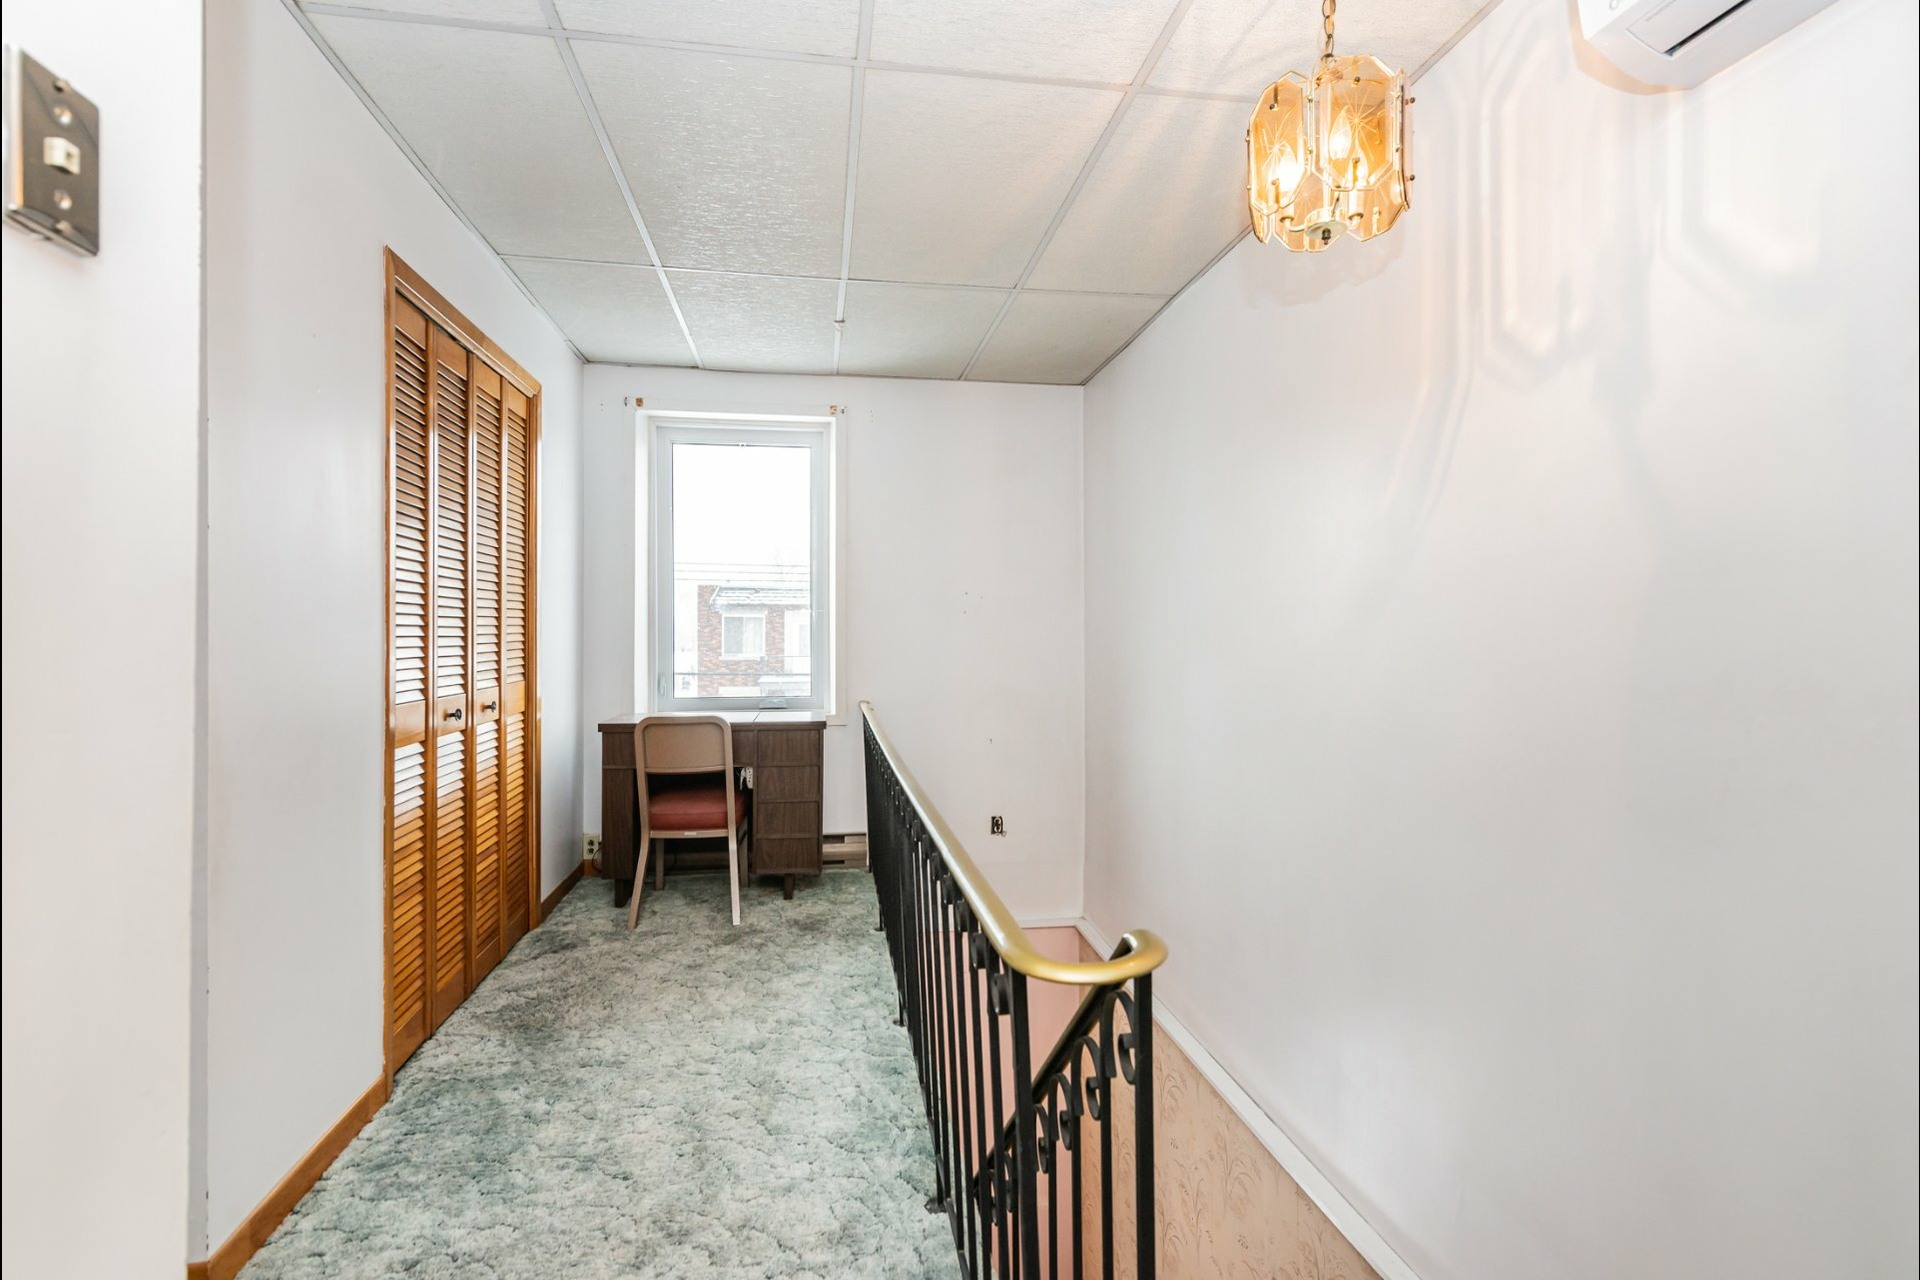 image 11 - House For sale Lachine Montréal  - 5 rooms